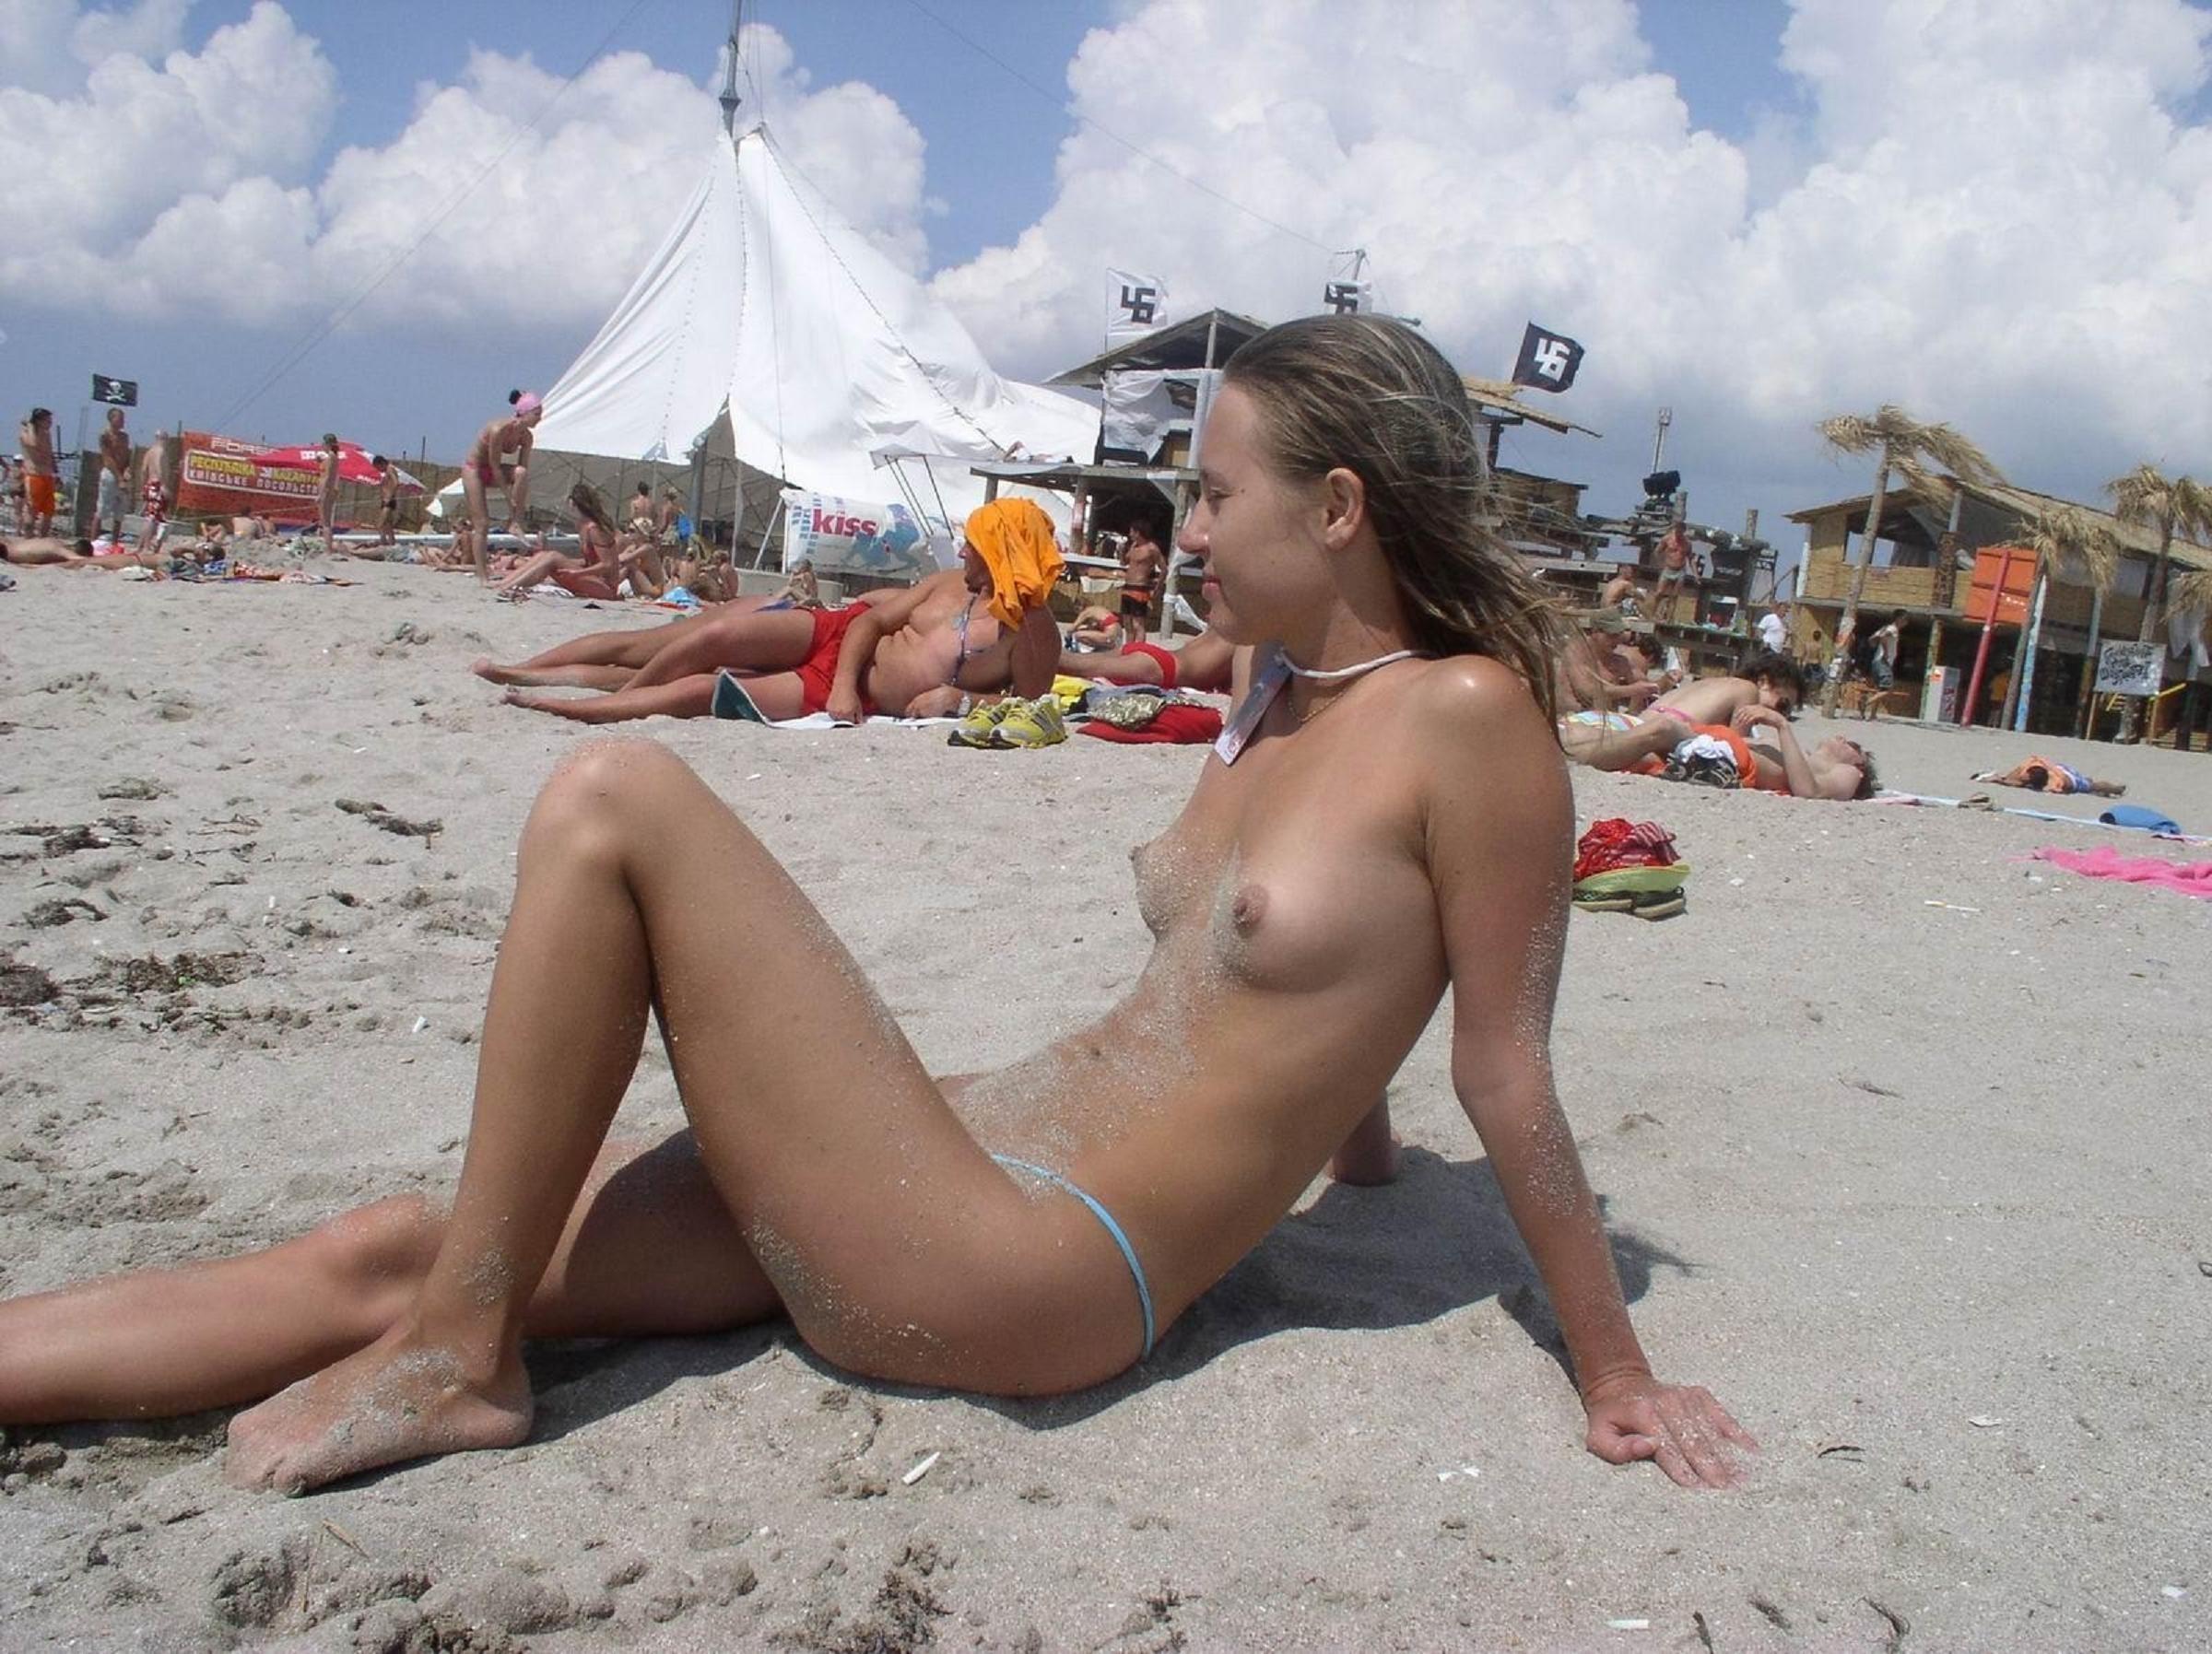 Фото голые девушек на нудистком пляже, Большая подборка голых и трахающихся нудистов 14 фотография